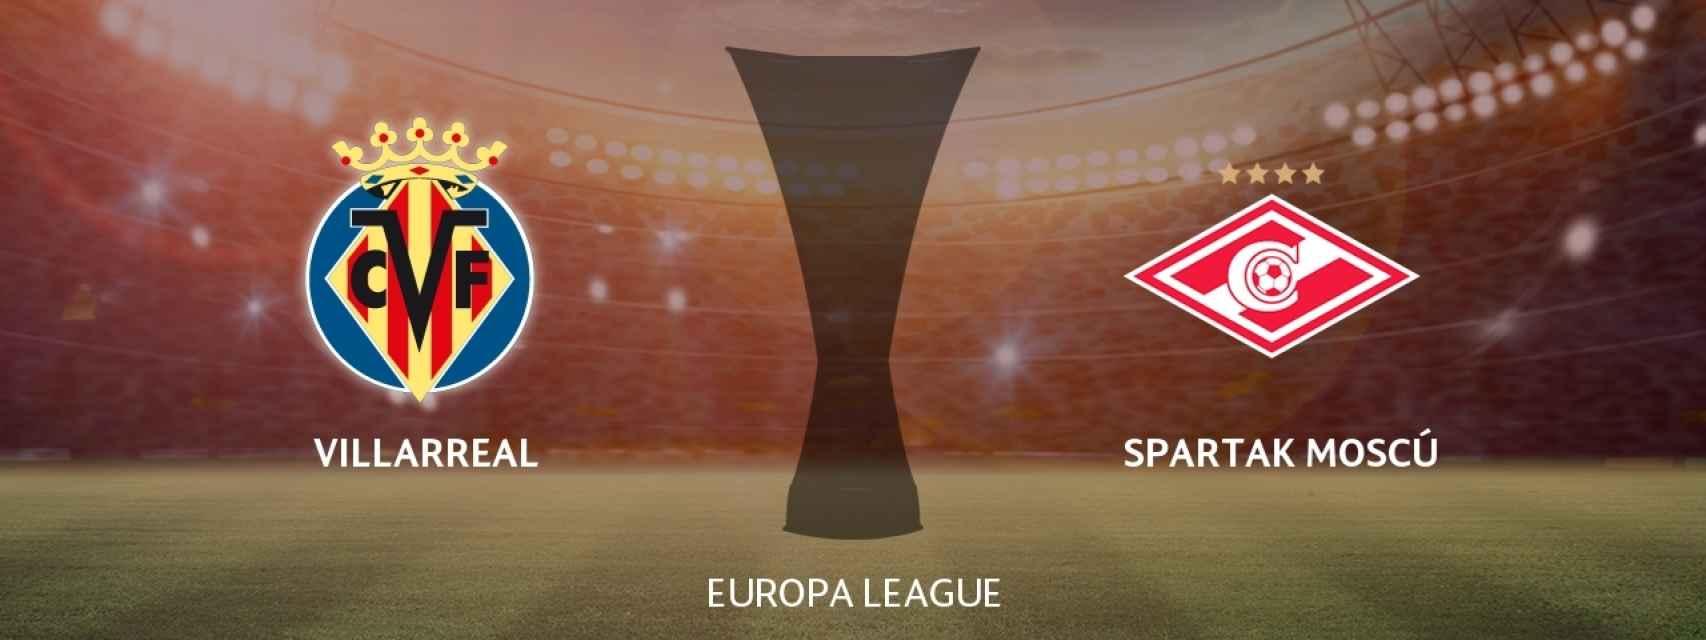 Villarreal - Spartak Moscú